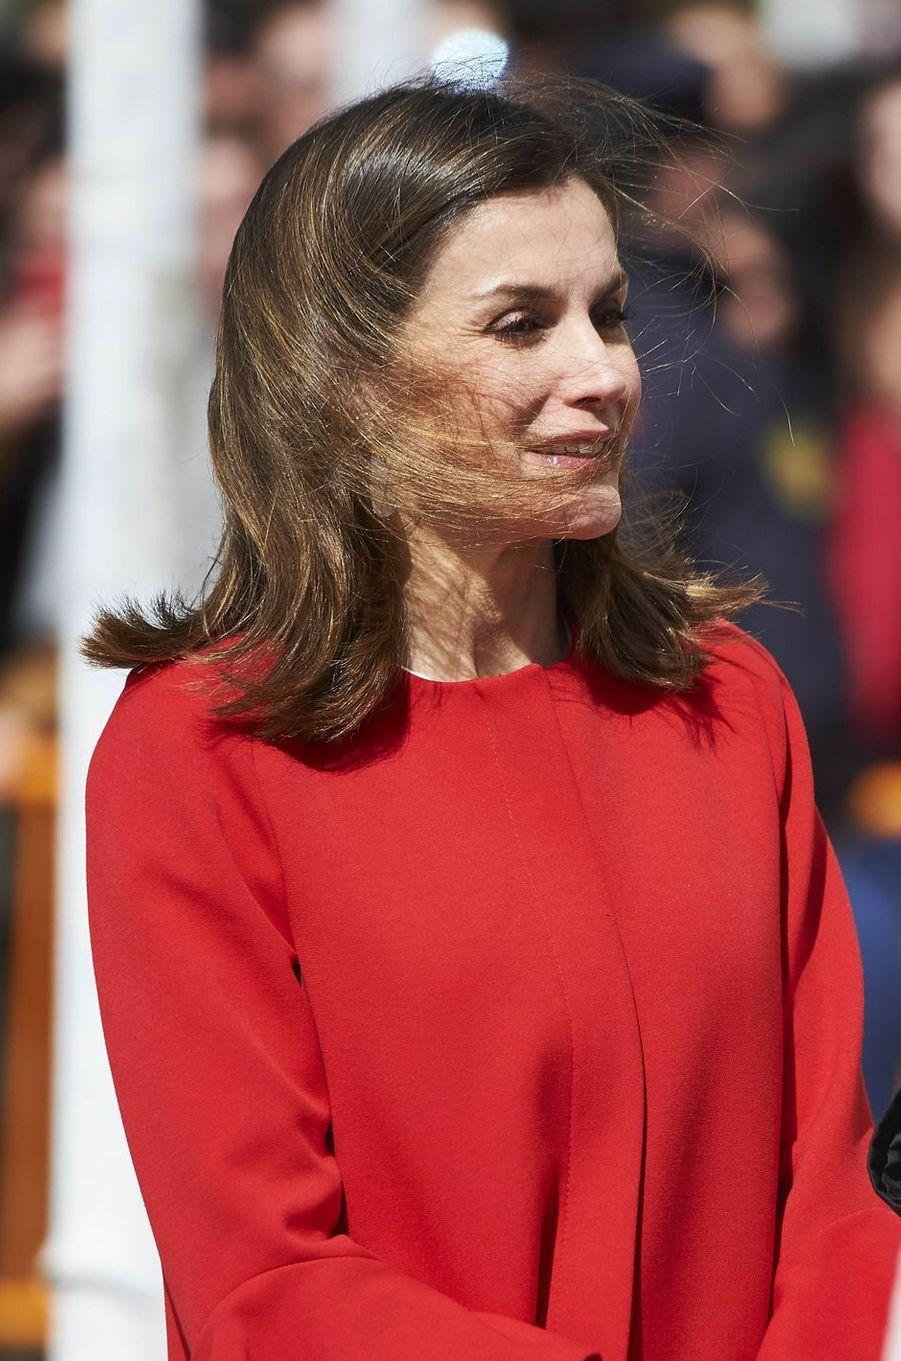 La reine Letizia d'Espagne à Huelva en Andalousie, le 11 avril 2018